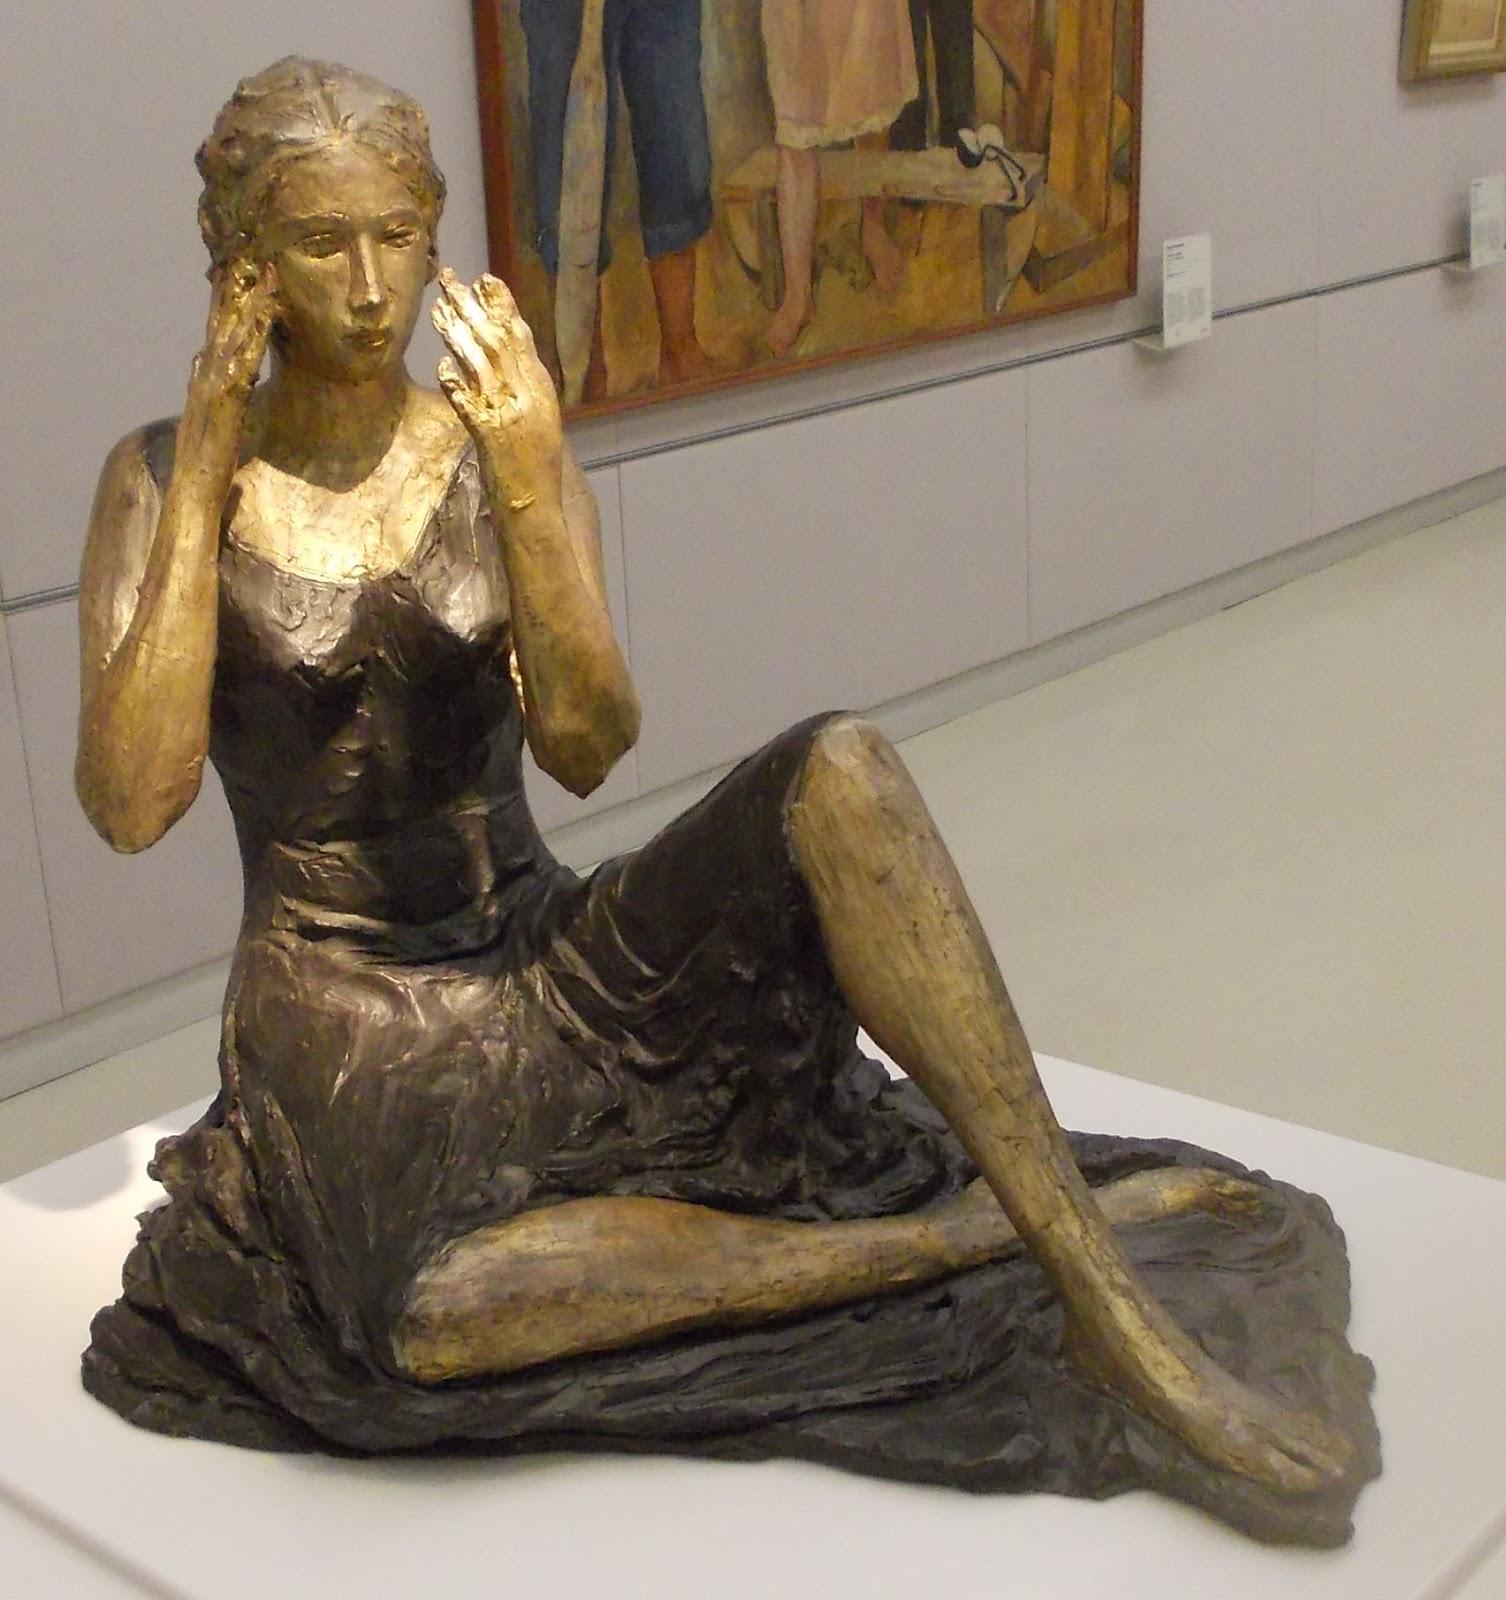 Museo del novecento milano gianni dova bocca 1954 umberto milani valori ascensionali 1953 - Nuda allo specchio ...